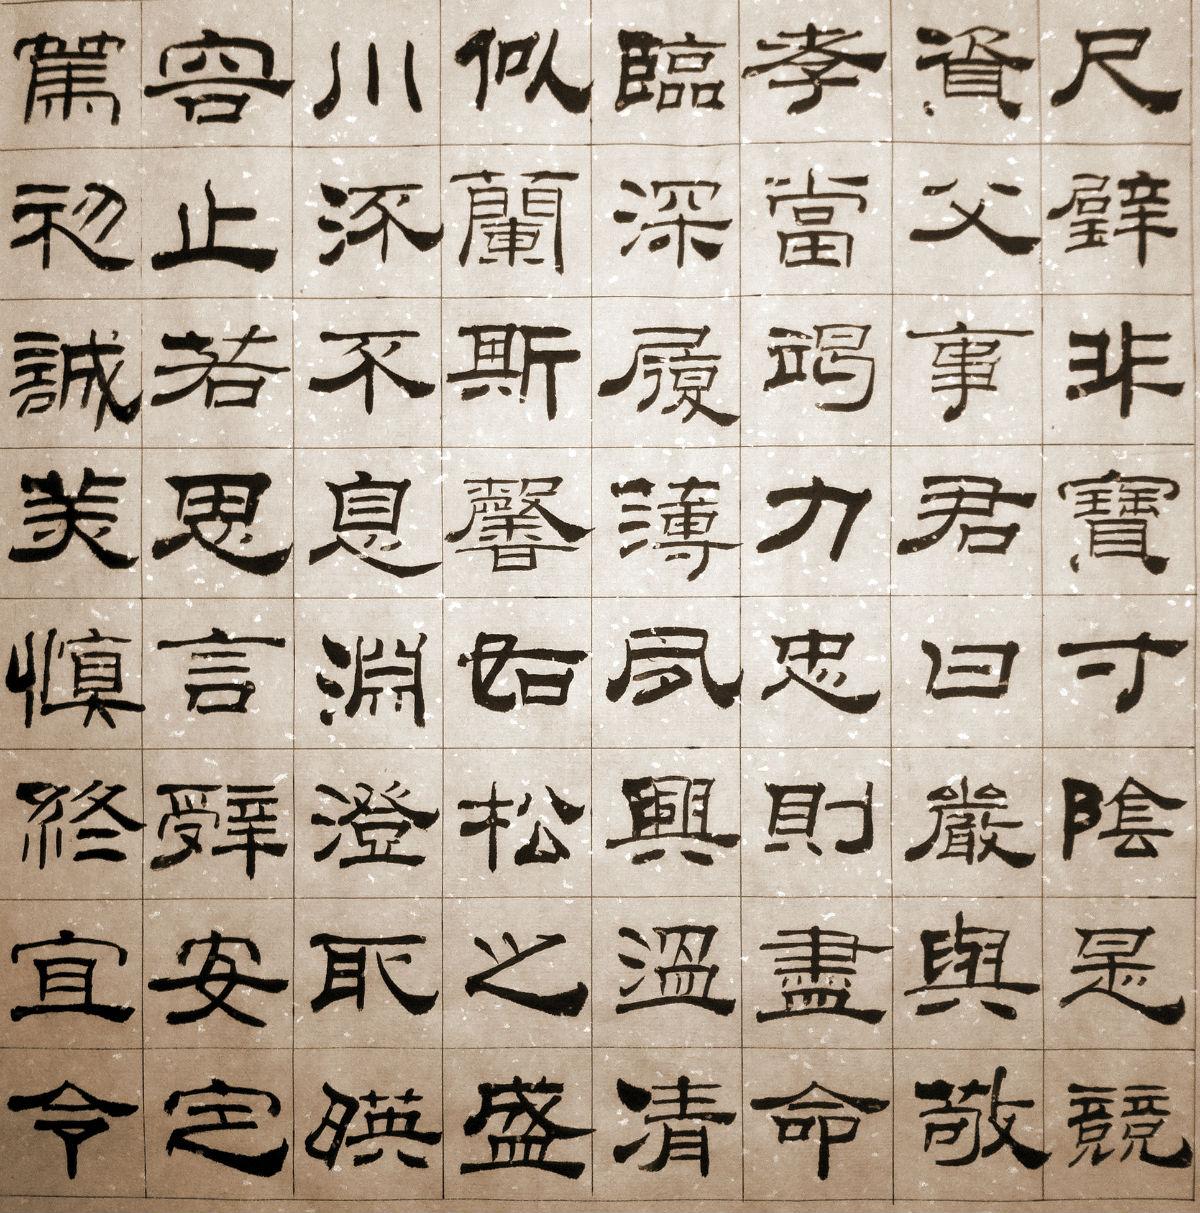 哪位高人知道刘炳森繁体隶书字体的下载办法